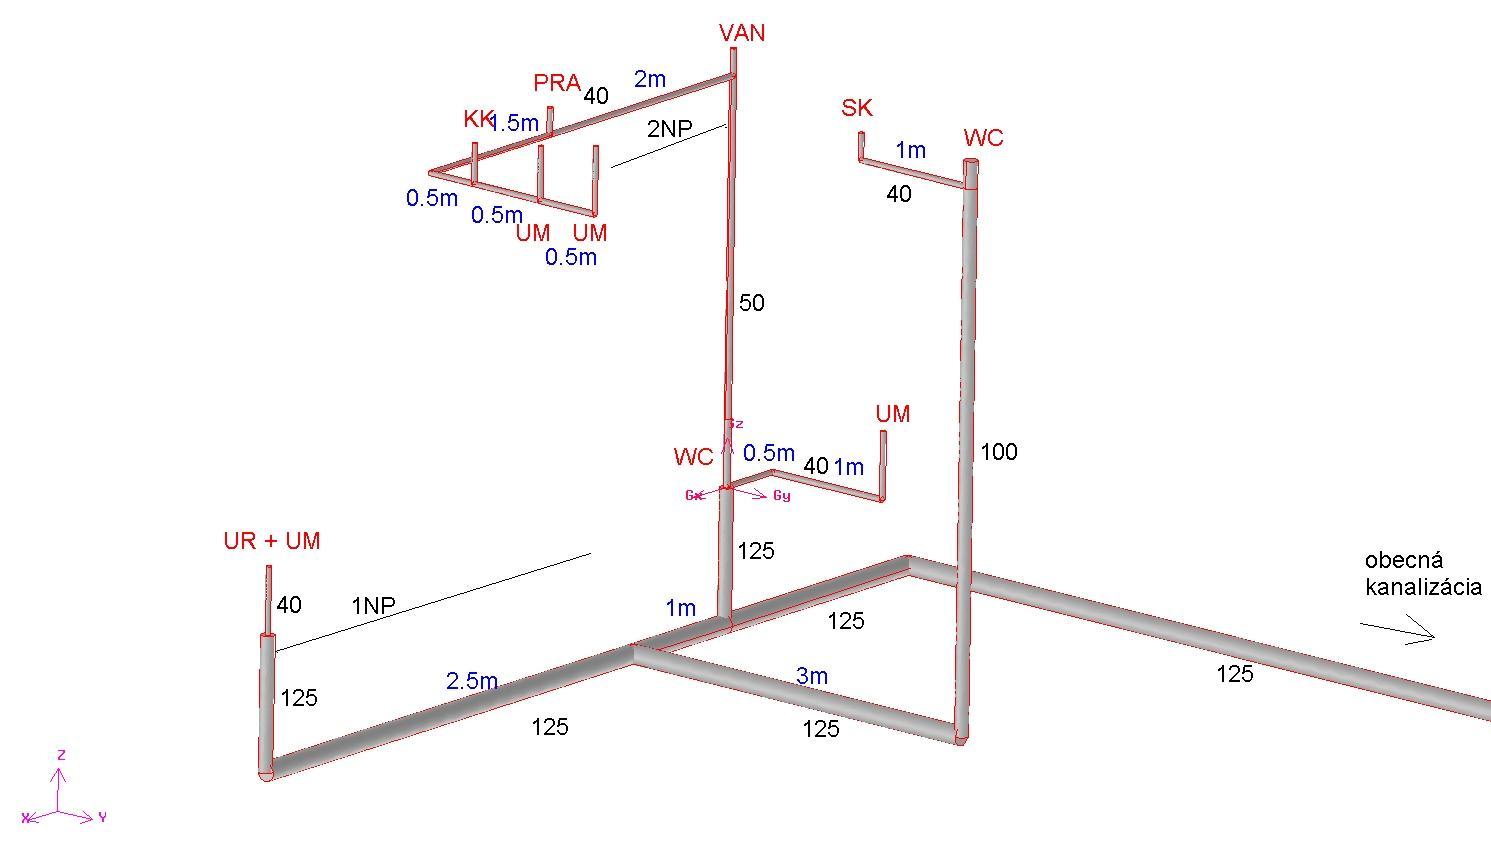 Vodár mi práve realizuje kanalizáciu v podkrovnom dome. Rozmýšľame nad vhodným odvetraním resp. privzdušnením  vnútornej kanalizácie. Nerád by som išiel s odvetraním cez strechu (plechová, falcovaná, 15° sklon). Vie niekto poradiť, kde je najvhodnejšie dať odvetranie a aké? - Obrázok č. 1